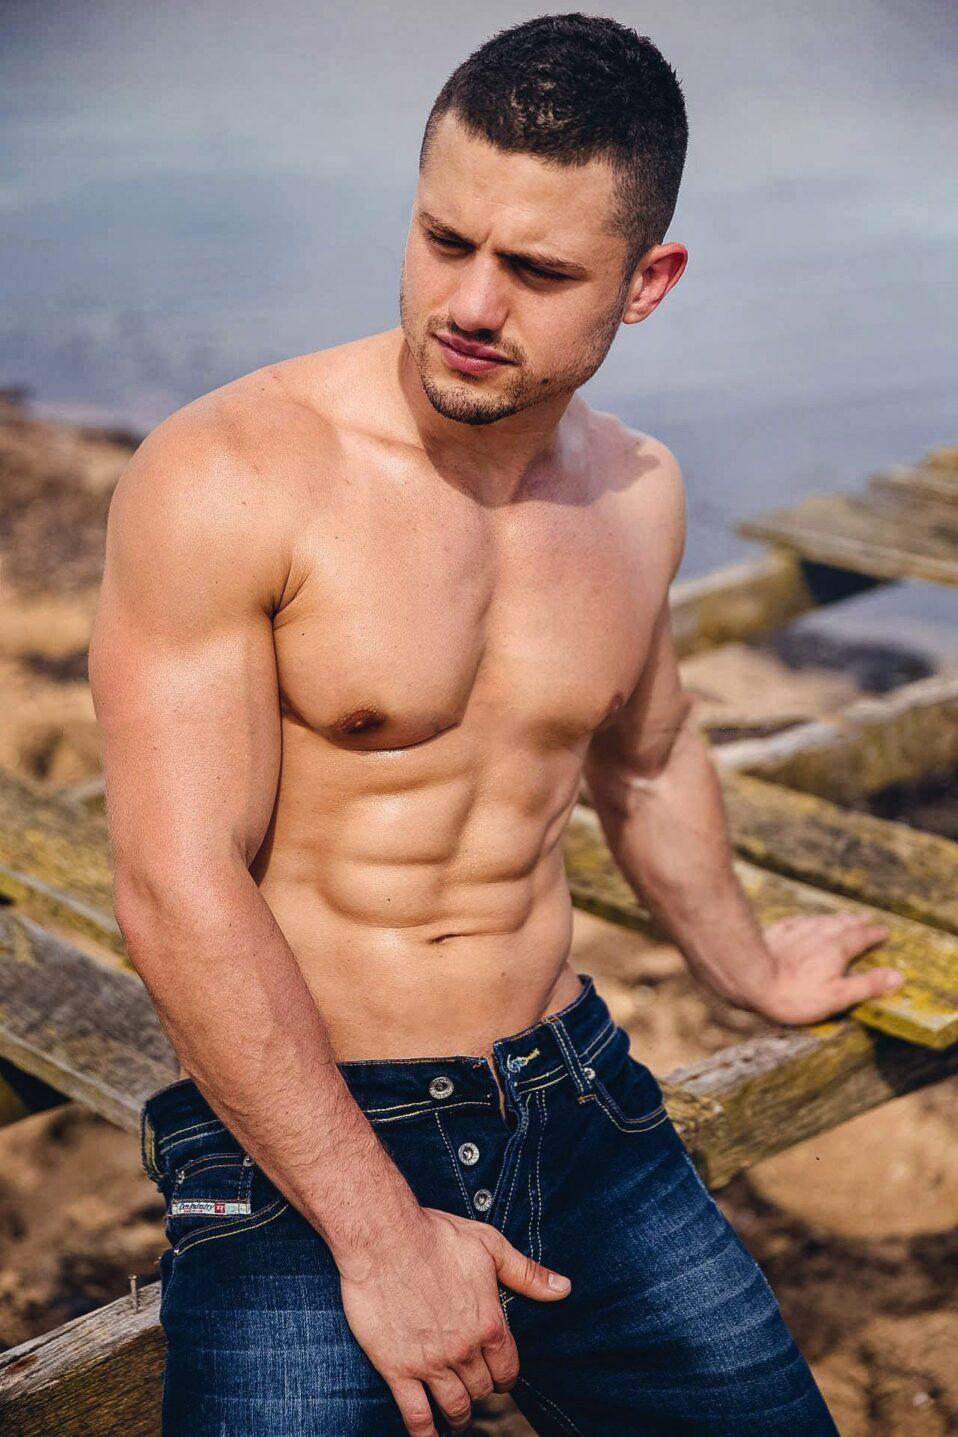 Eddy Jay melbourne stripper